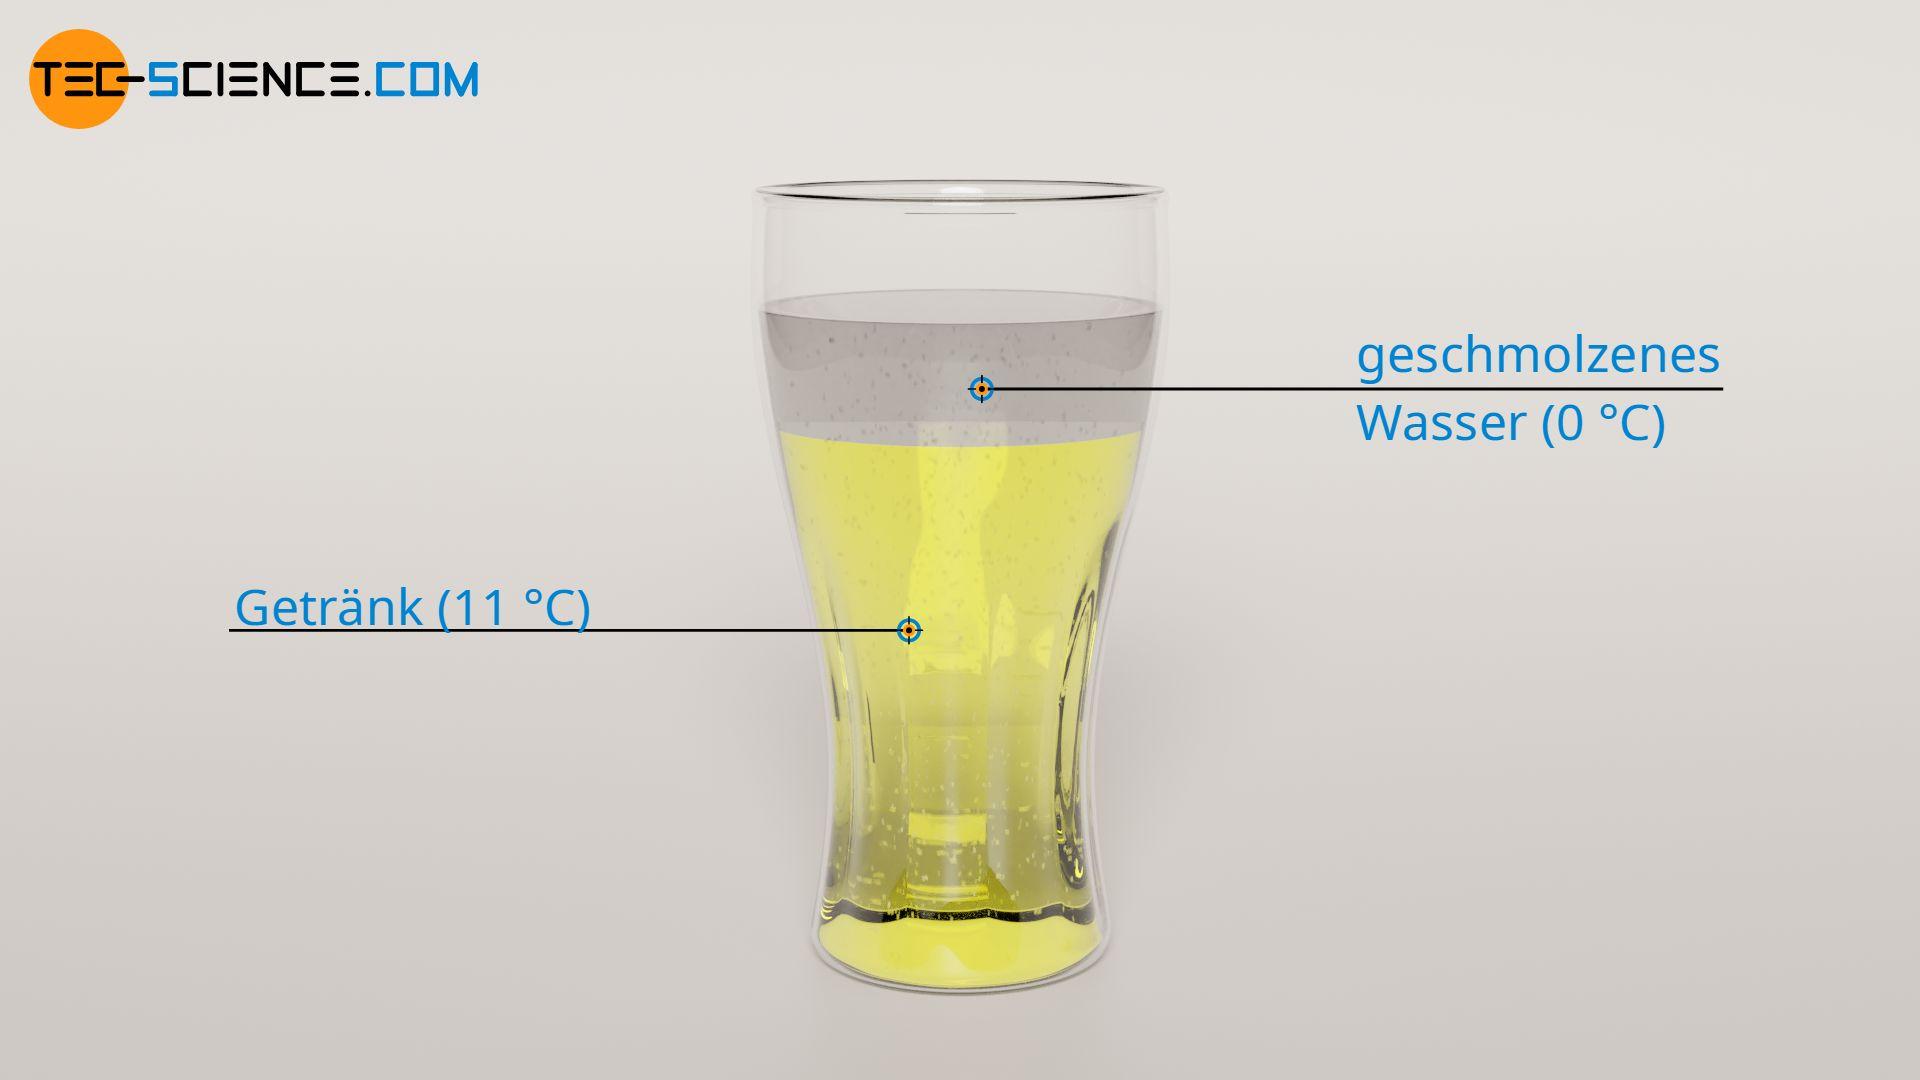 Mischen des geschmolzenen Wassers mit dem Getränk